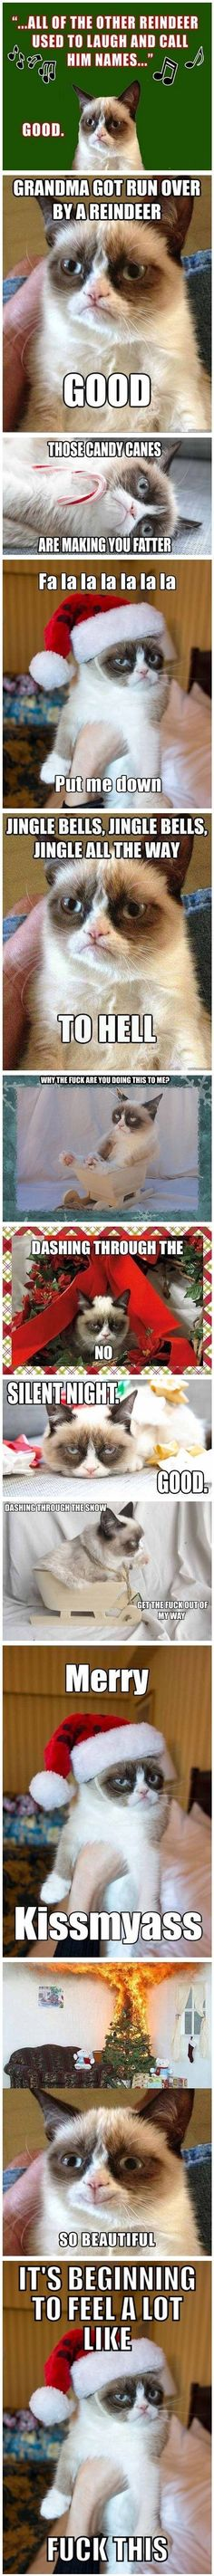 Grumpy Cat At Christmas hahahaha